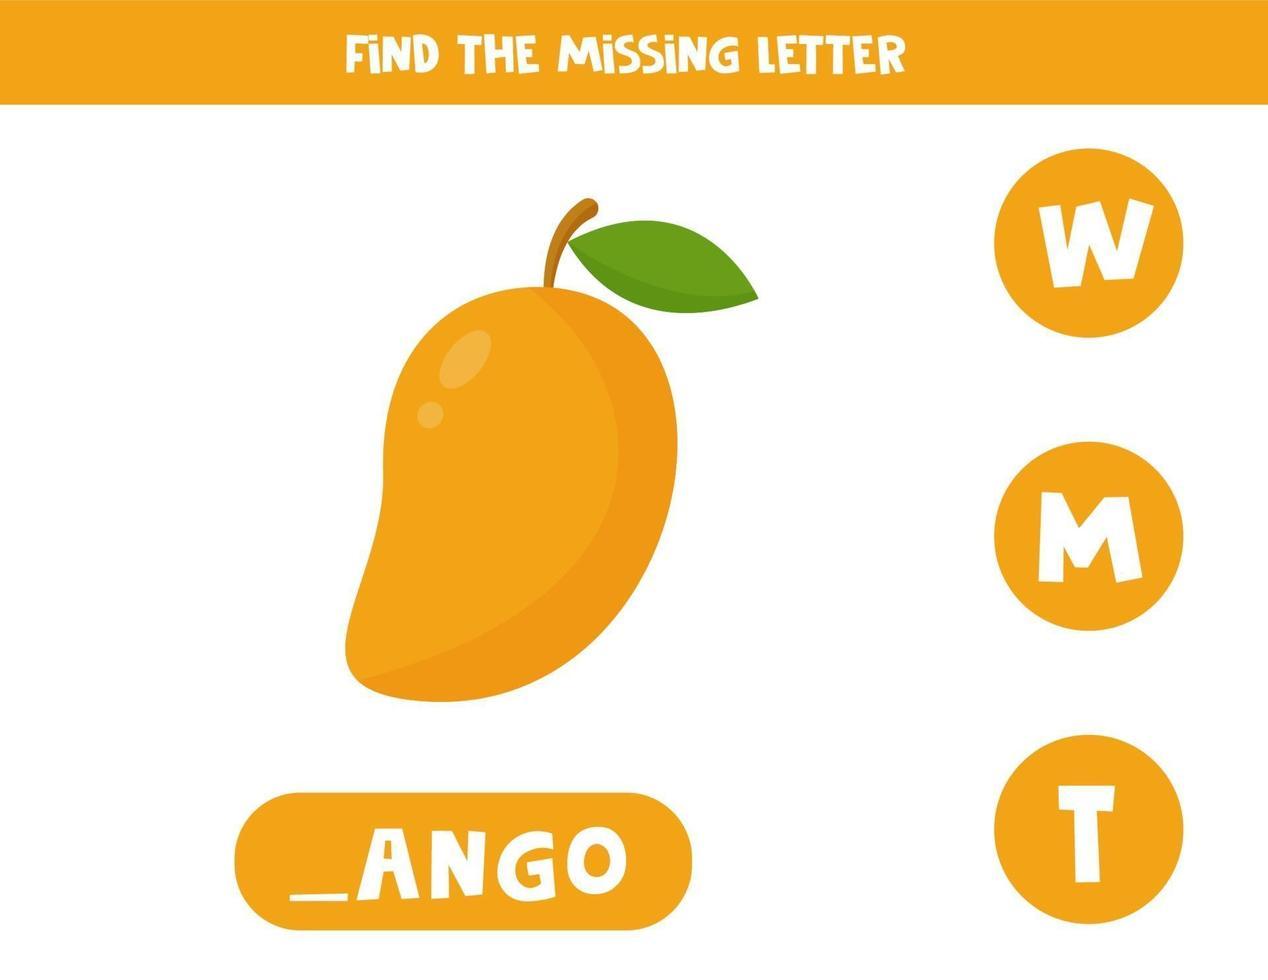 Finde den fehlenden Brief und schreibe ihn auf. süße Cartoon Mango Frucht. vektor